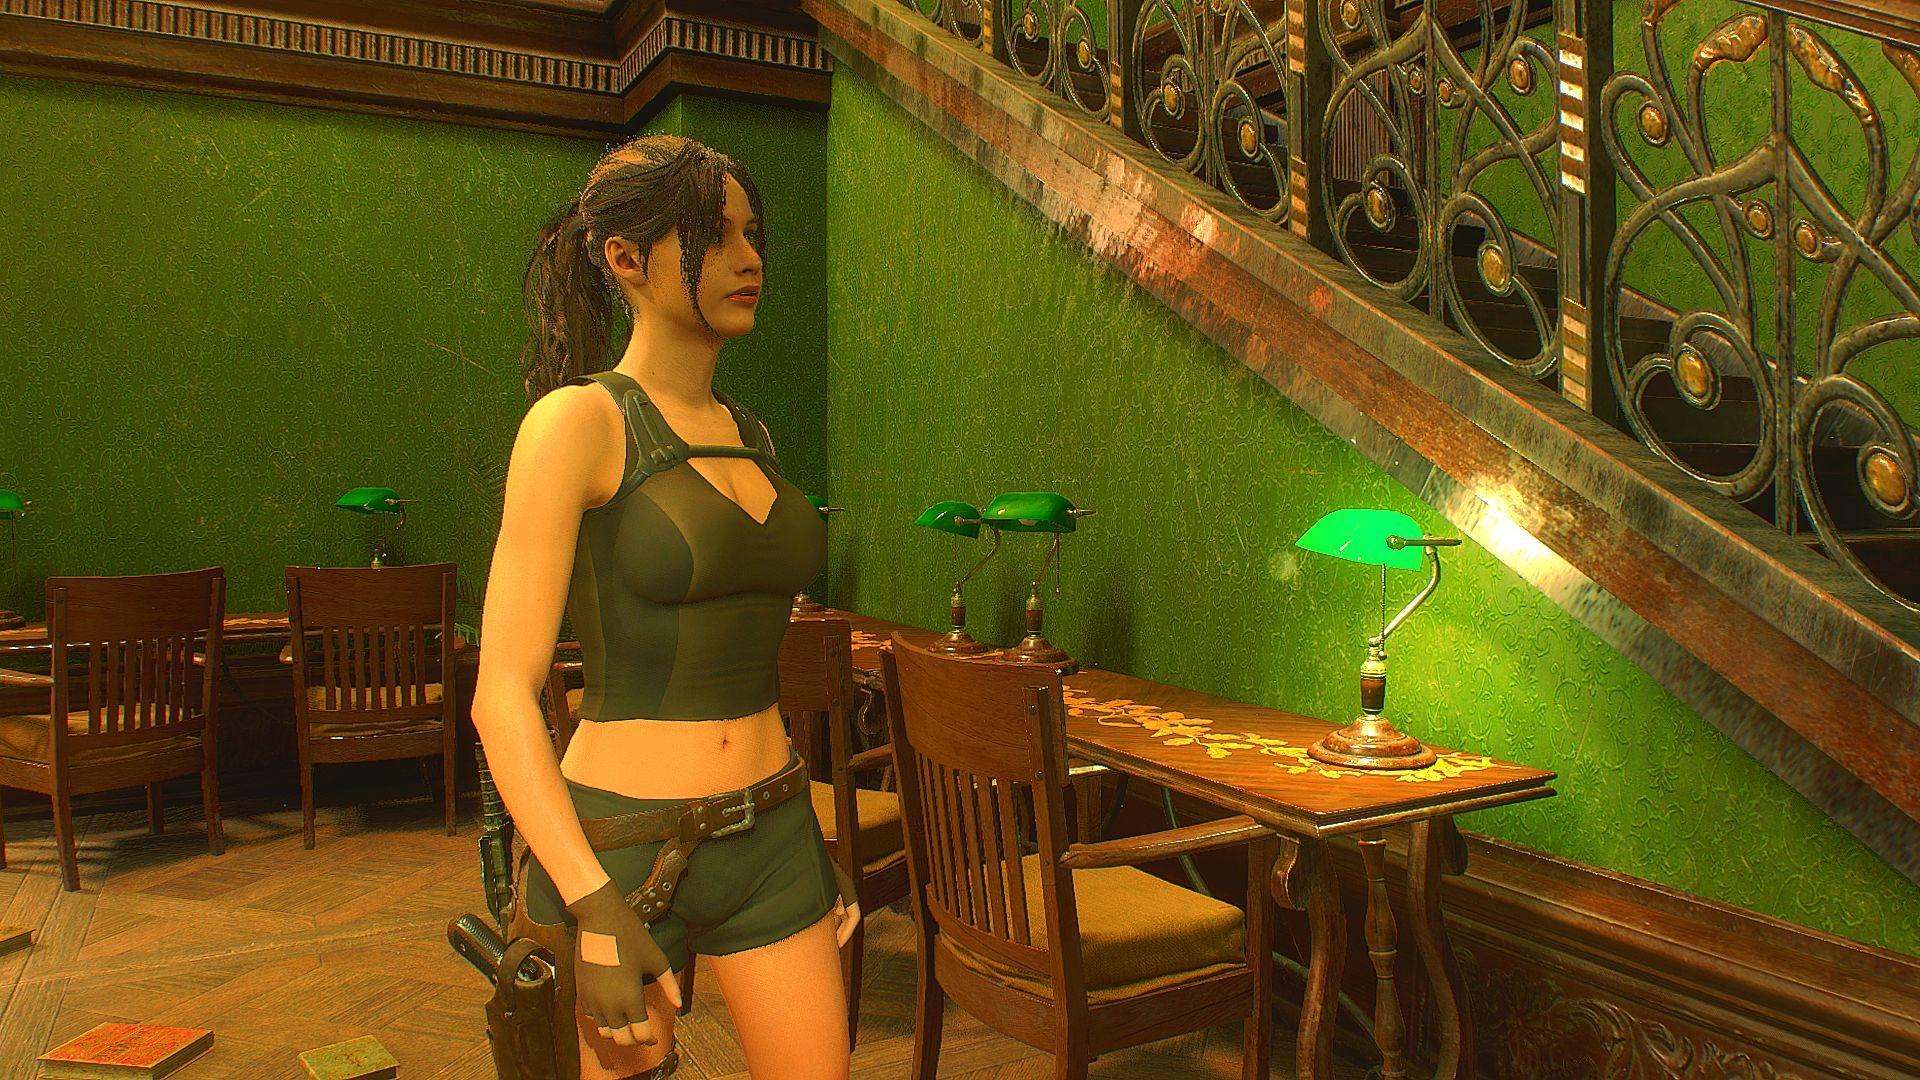 00067.Jpg - Resident Evil 2